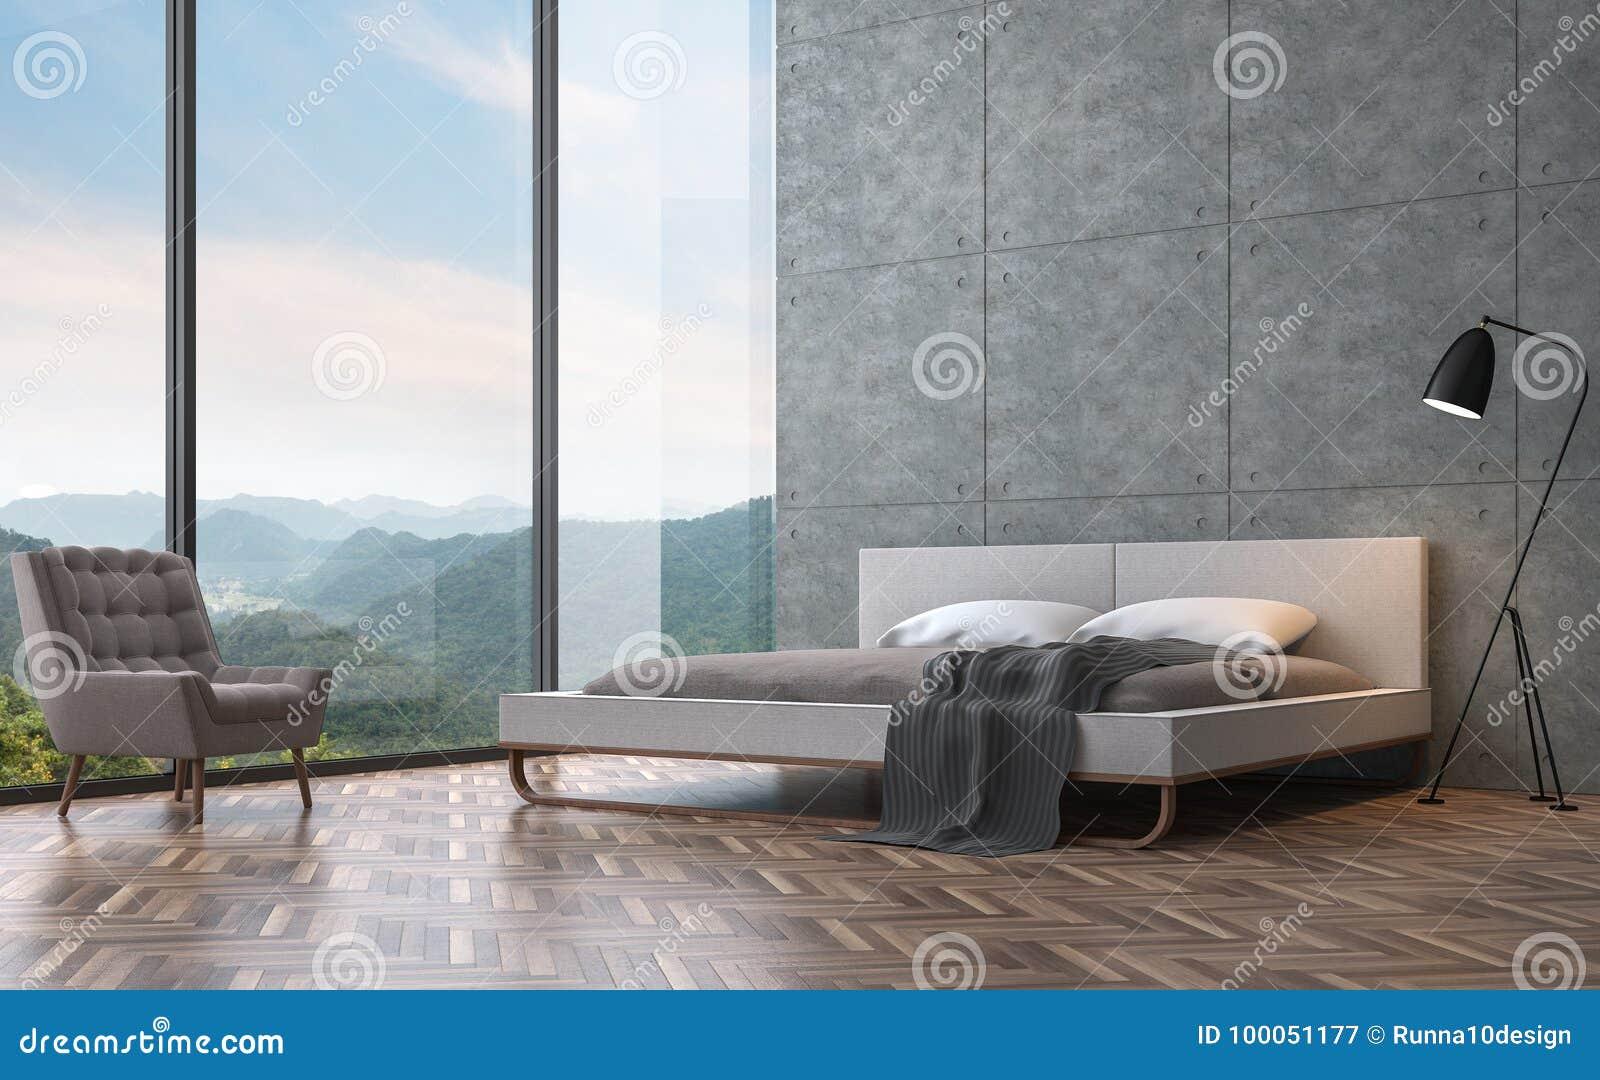 Quarto moderno do estilo do sótão com imagem da rendição do Mountain View 3D